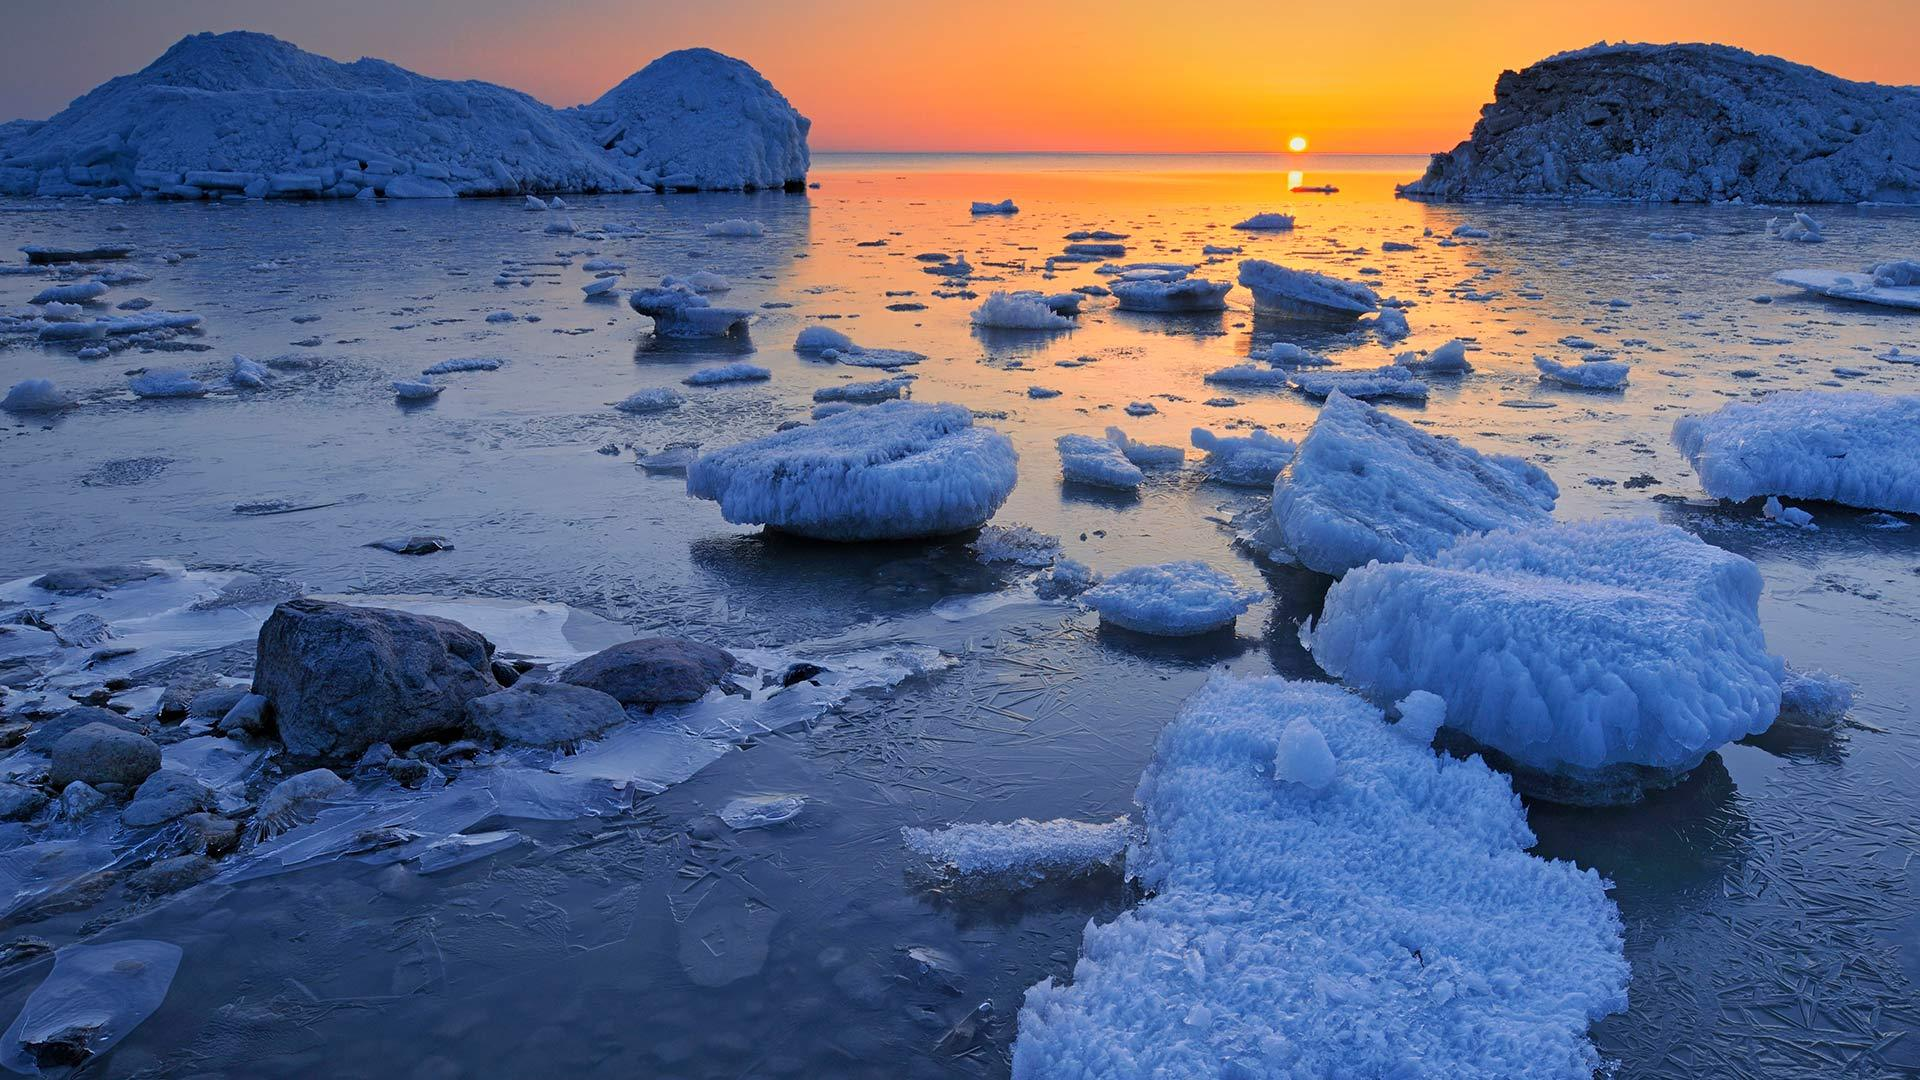 温尼伯湖沿岸的春日冰雪温尼伯湖